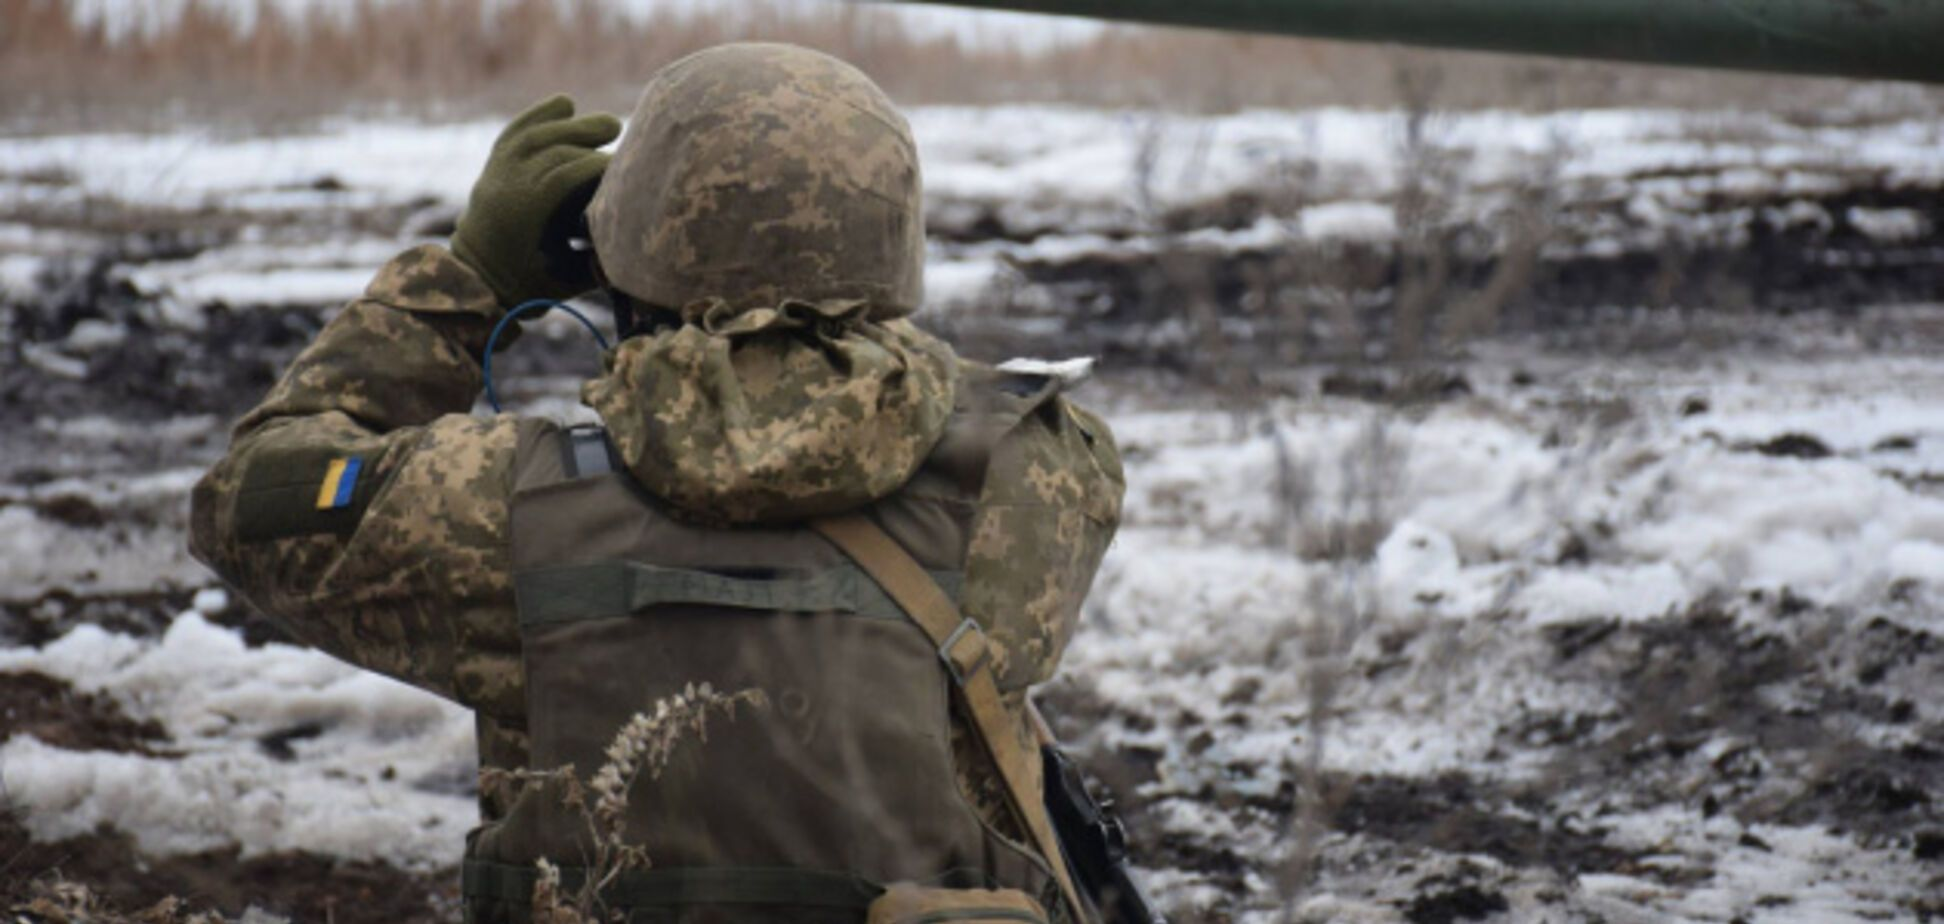 ВСУ устроили 'Л/ДНР' ад на Донбассе: много убитых и раненых